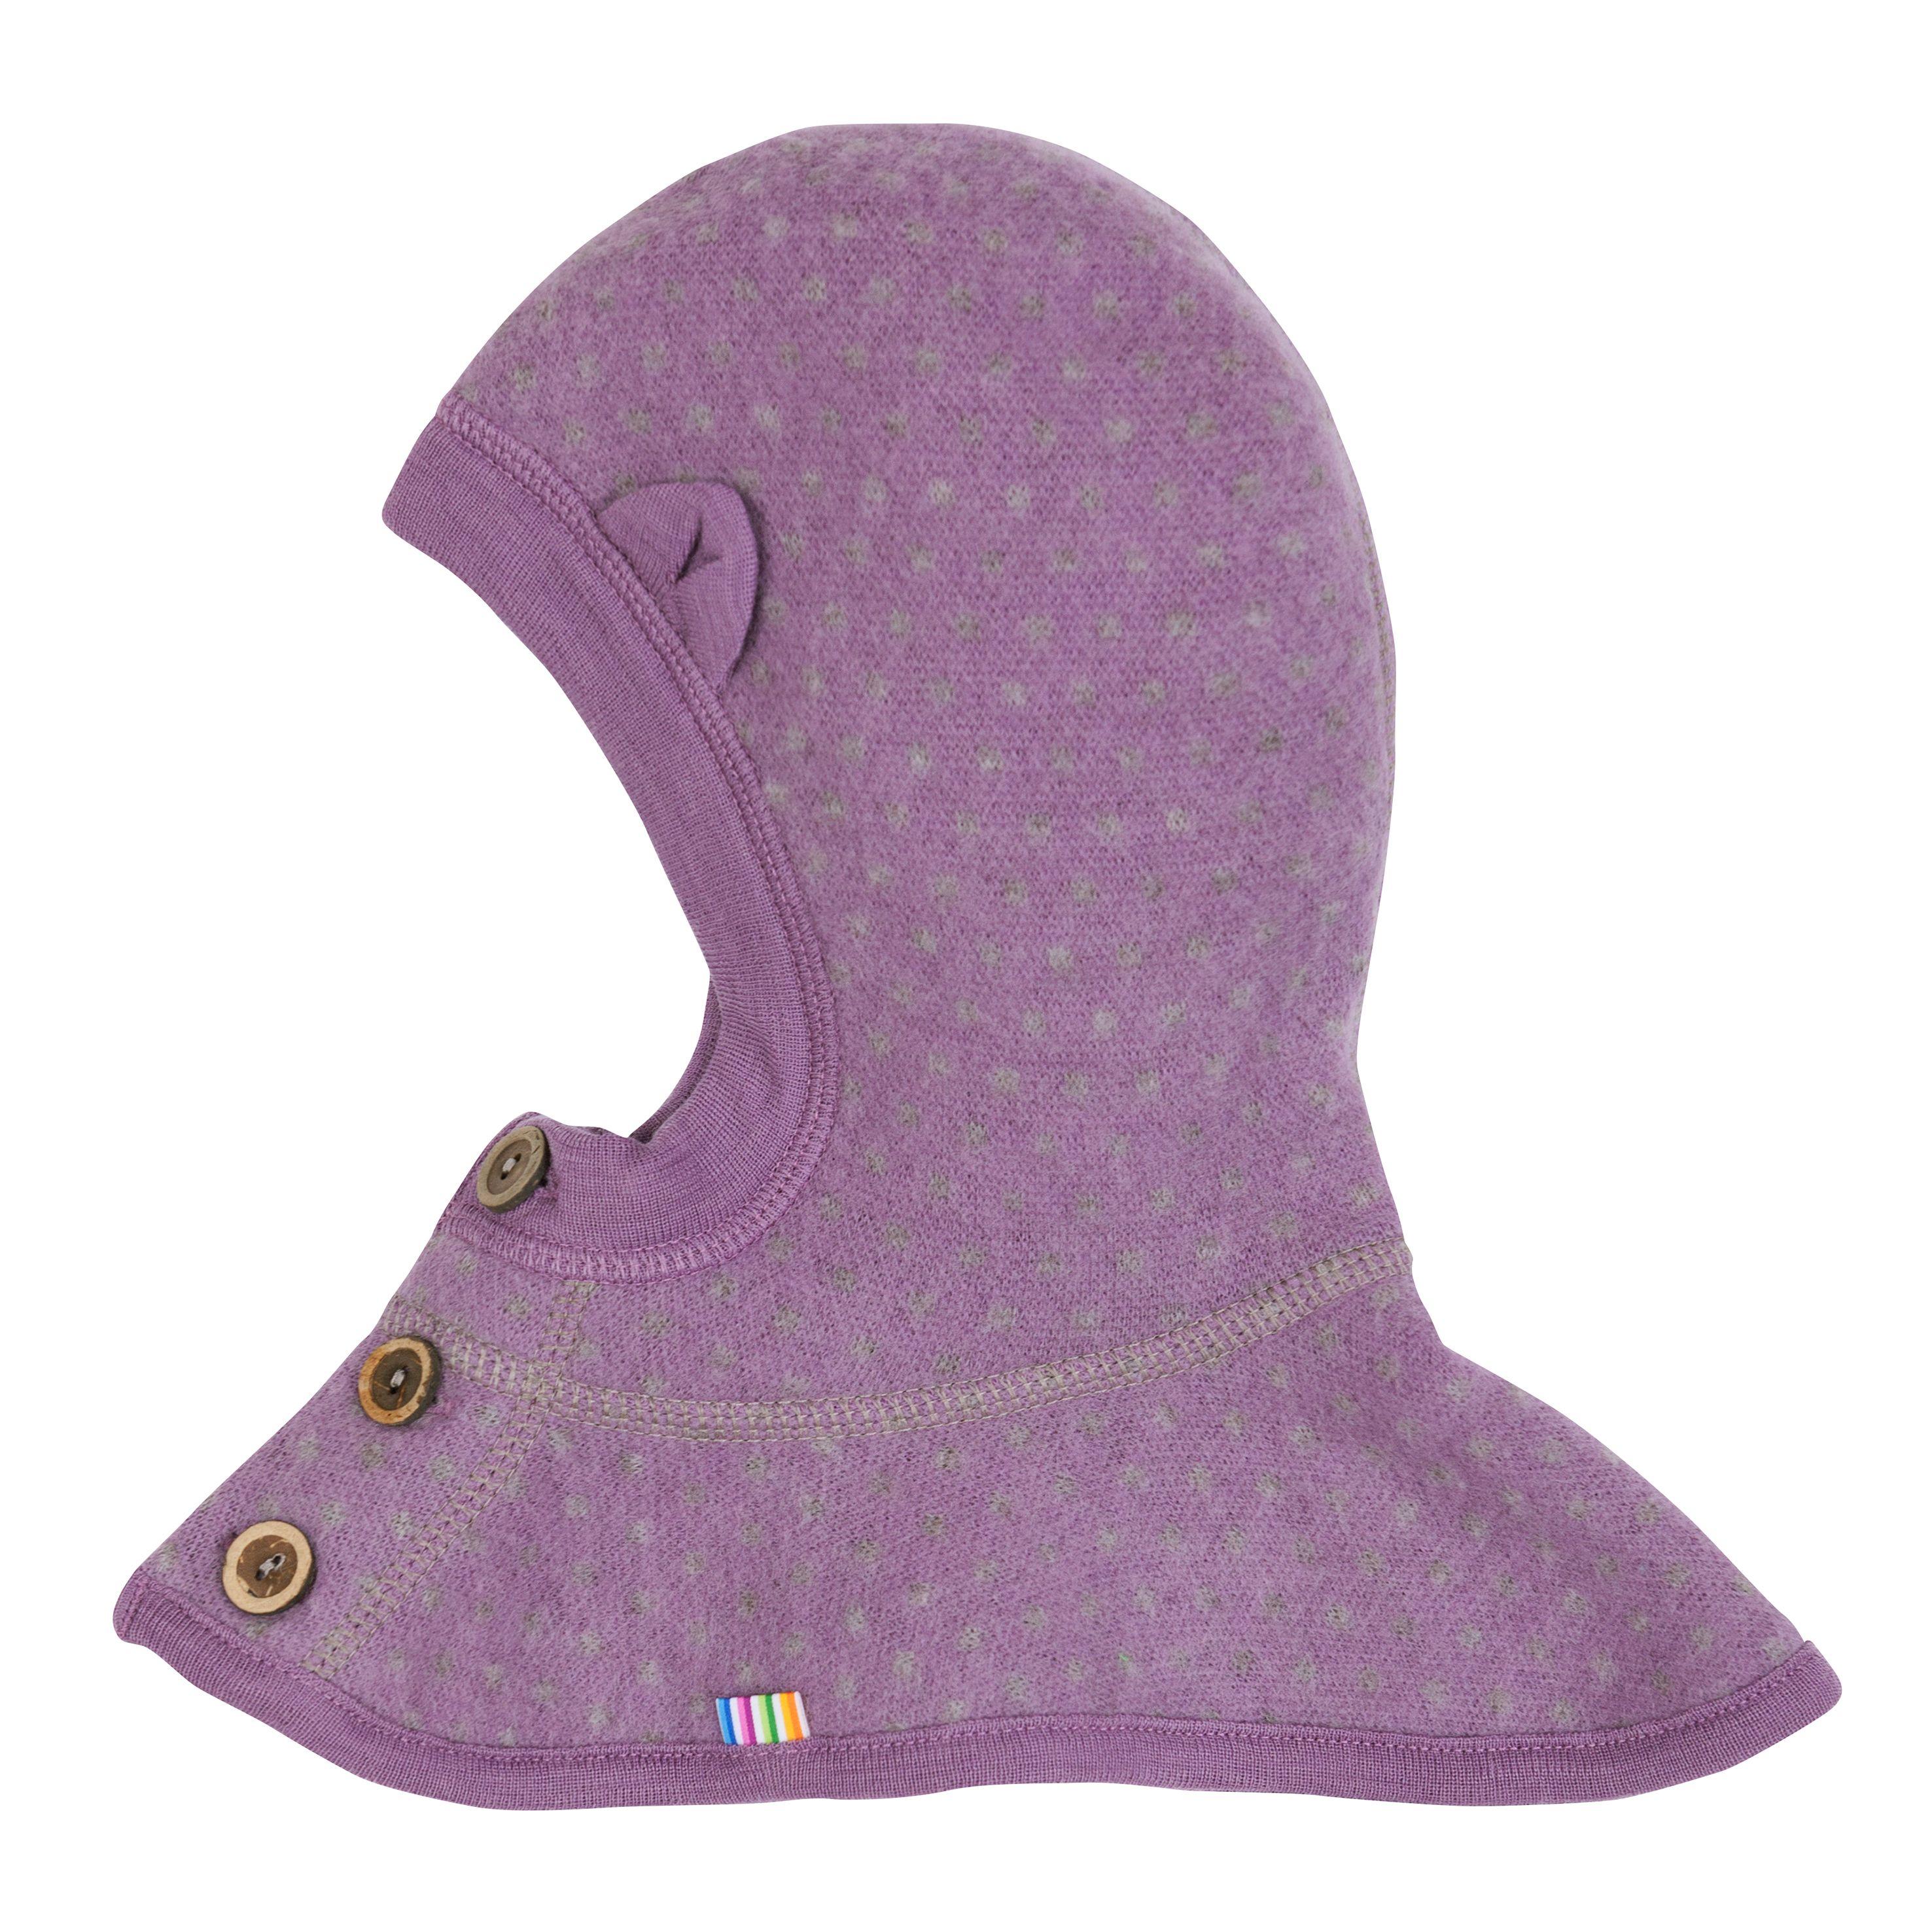 Elefanthue fra Joha - Soft Wool - Ører og knapper - Lavender Dots